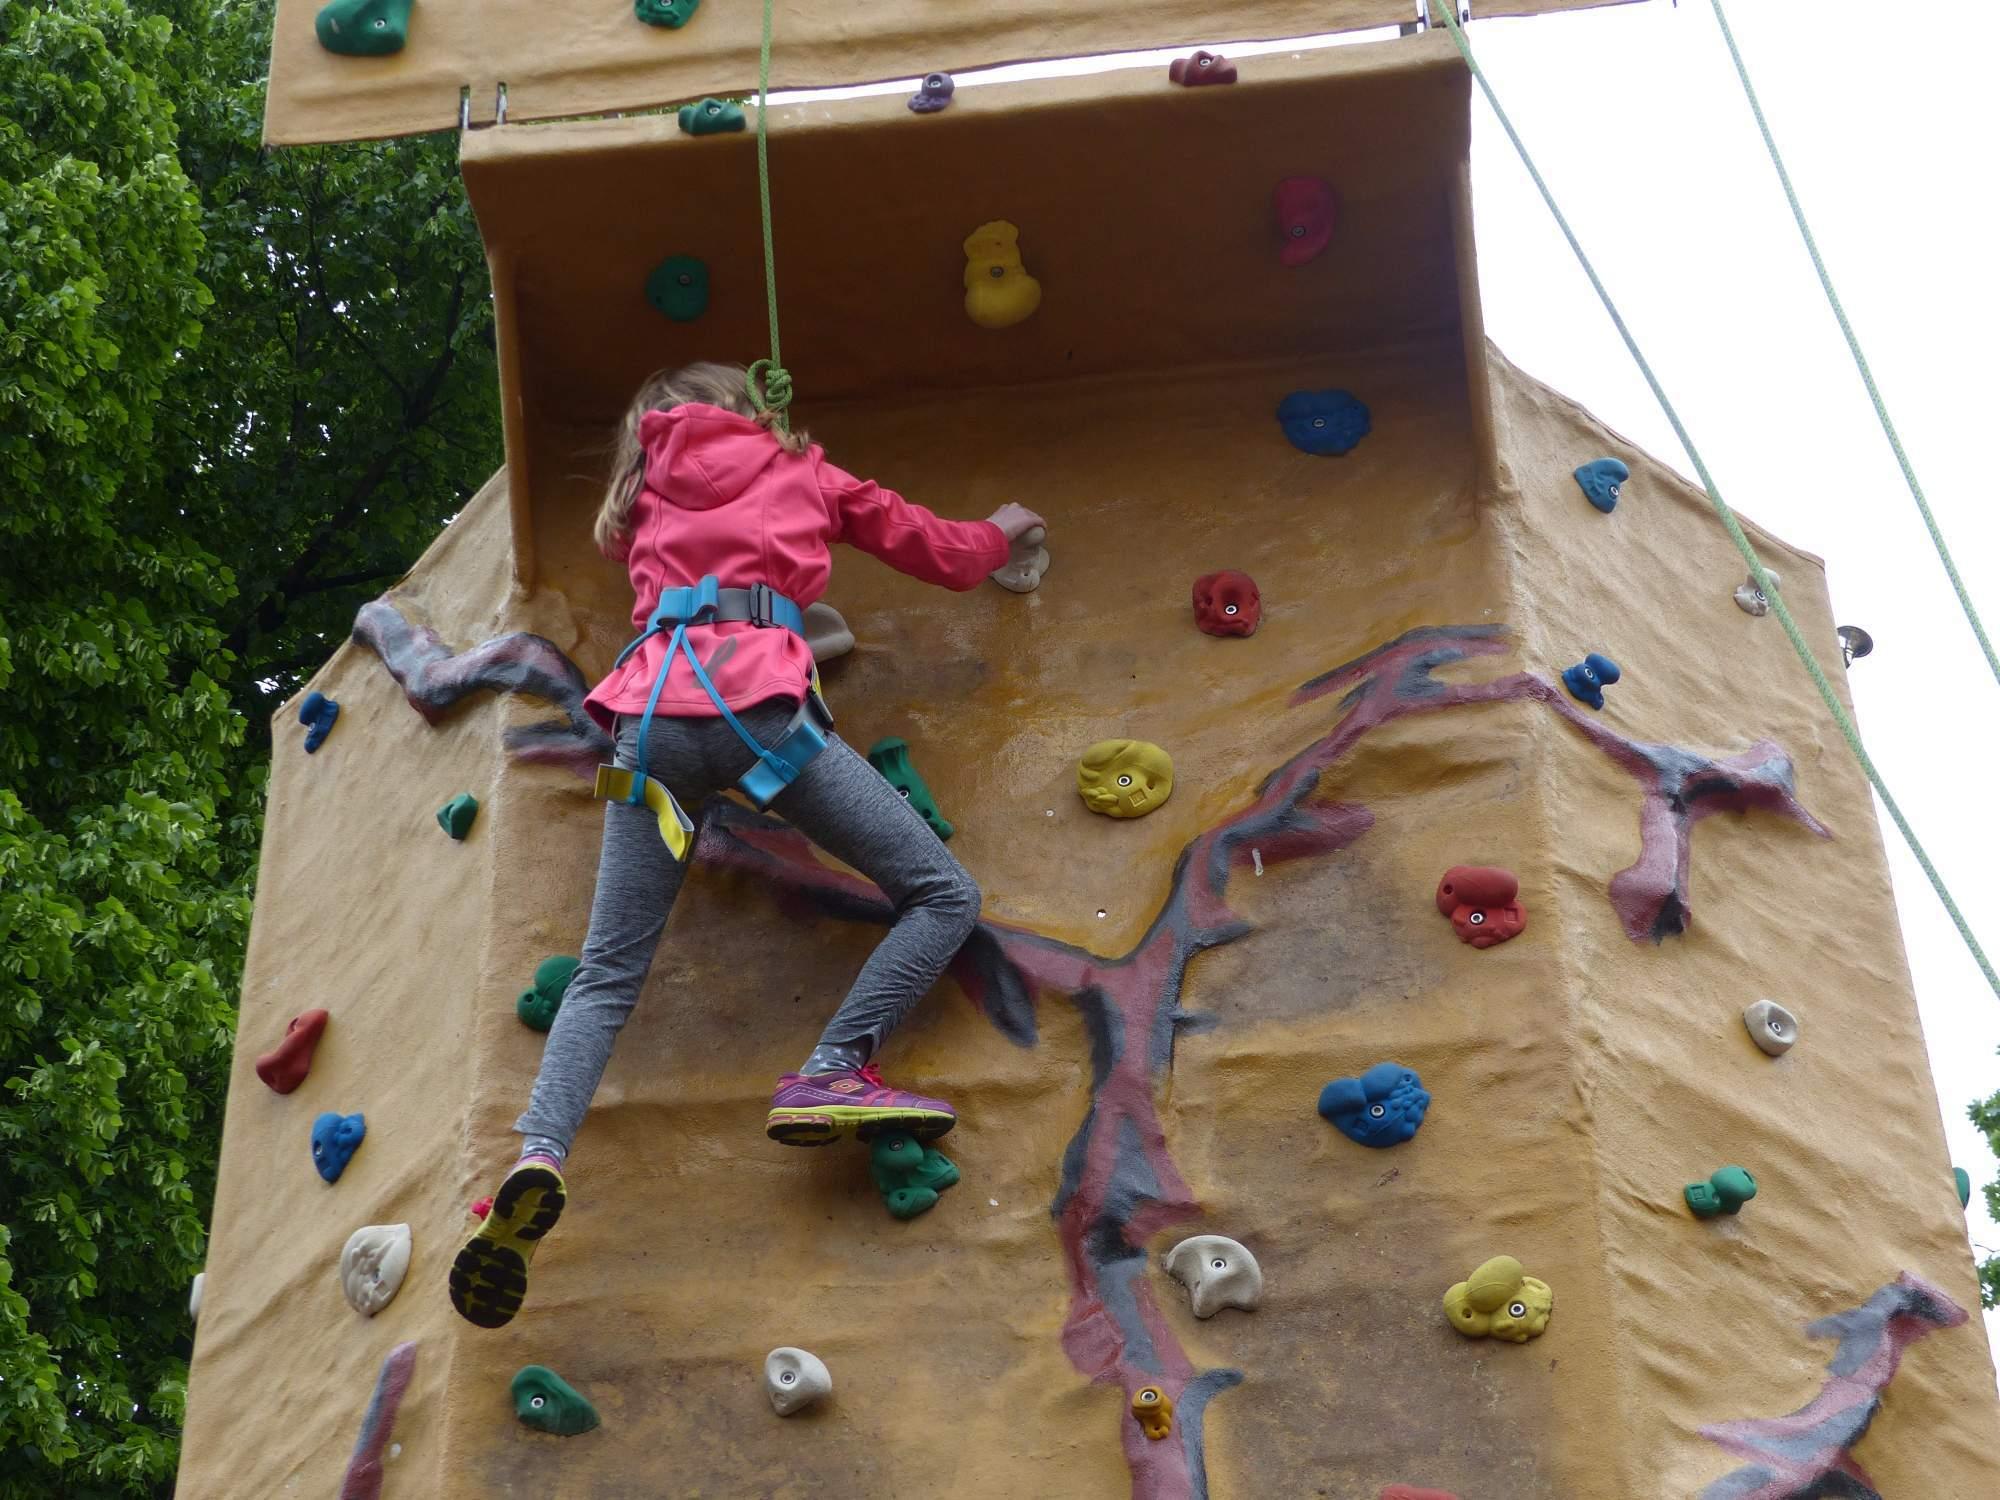 Někteří nebojácně lezli na několikametrovou horolezeckou stěnu. Michaela Střížová